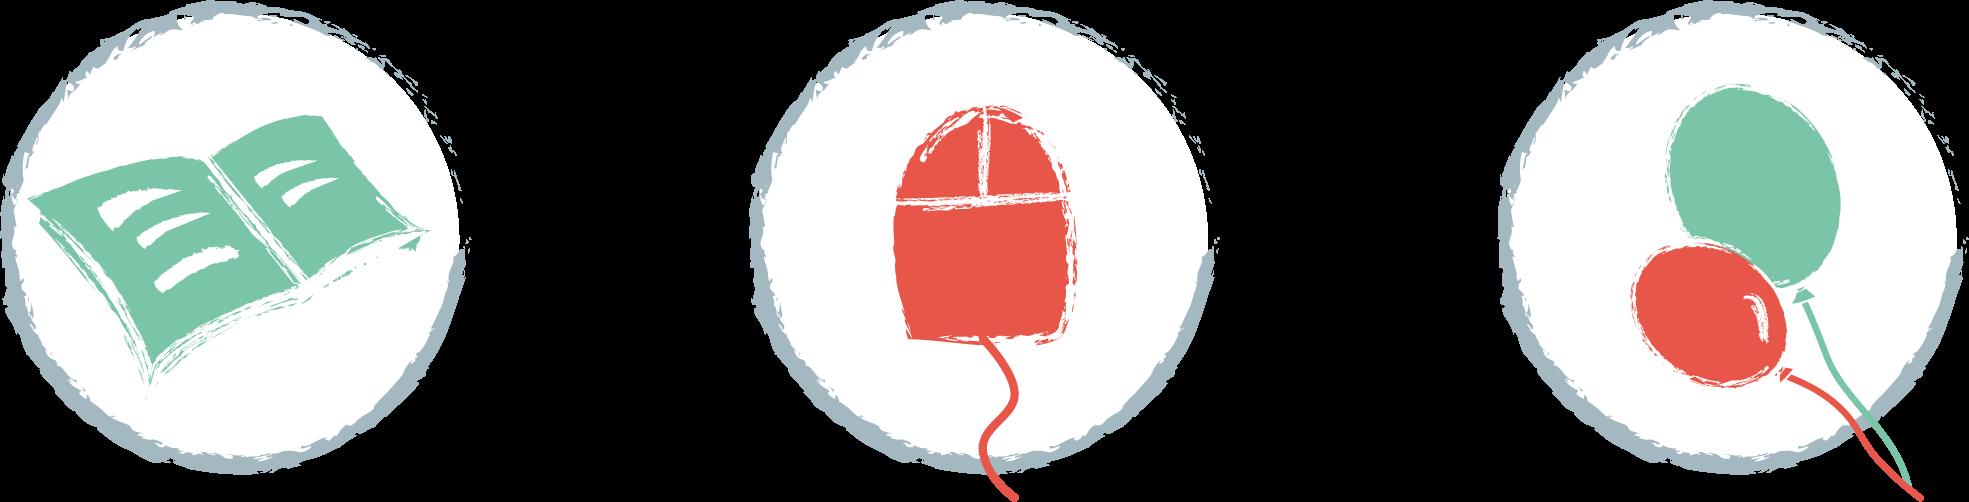 Drei Säulen der Hello Familiii: Magazin, Online Plattform und familiii Events